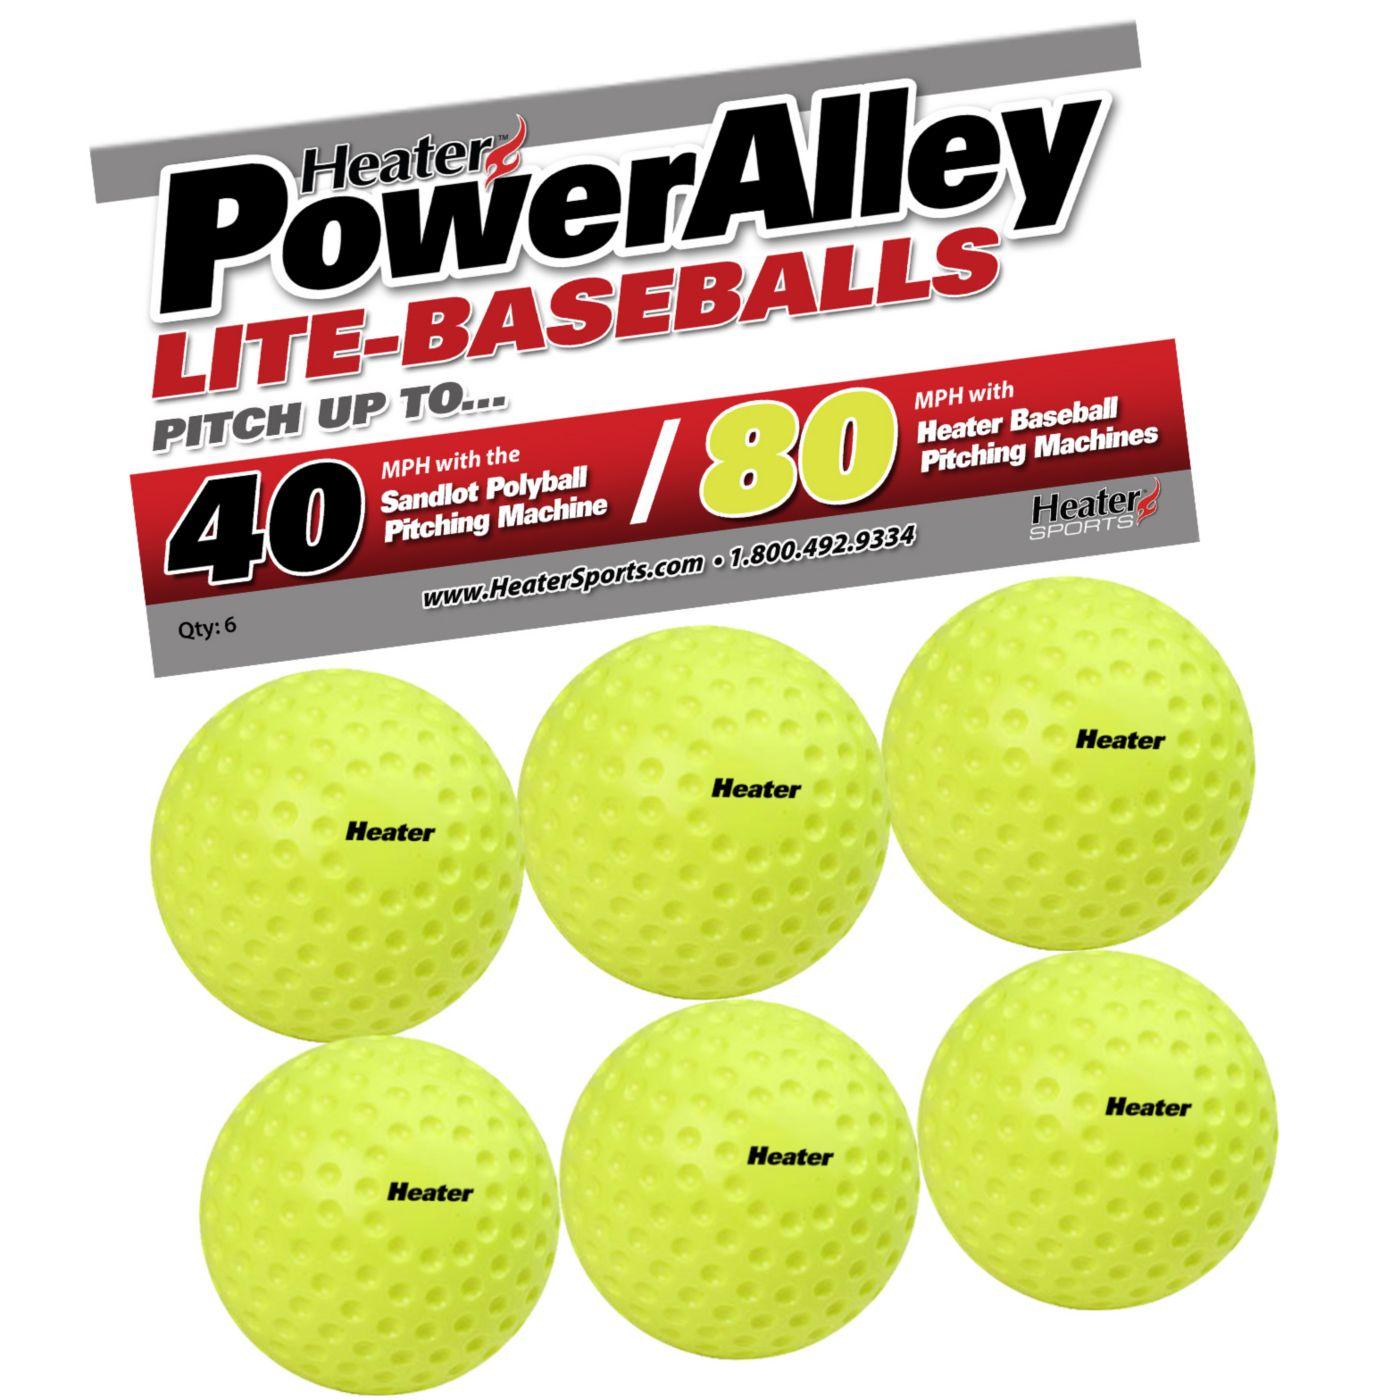 Heater PowerAlley 80 MPH Lite-Balls - 6 Pack